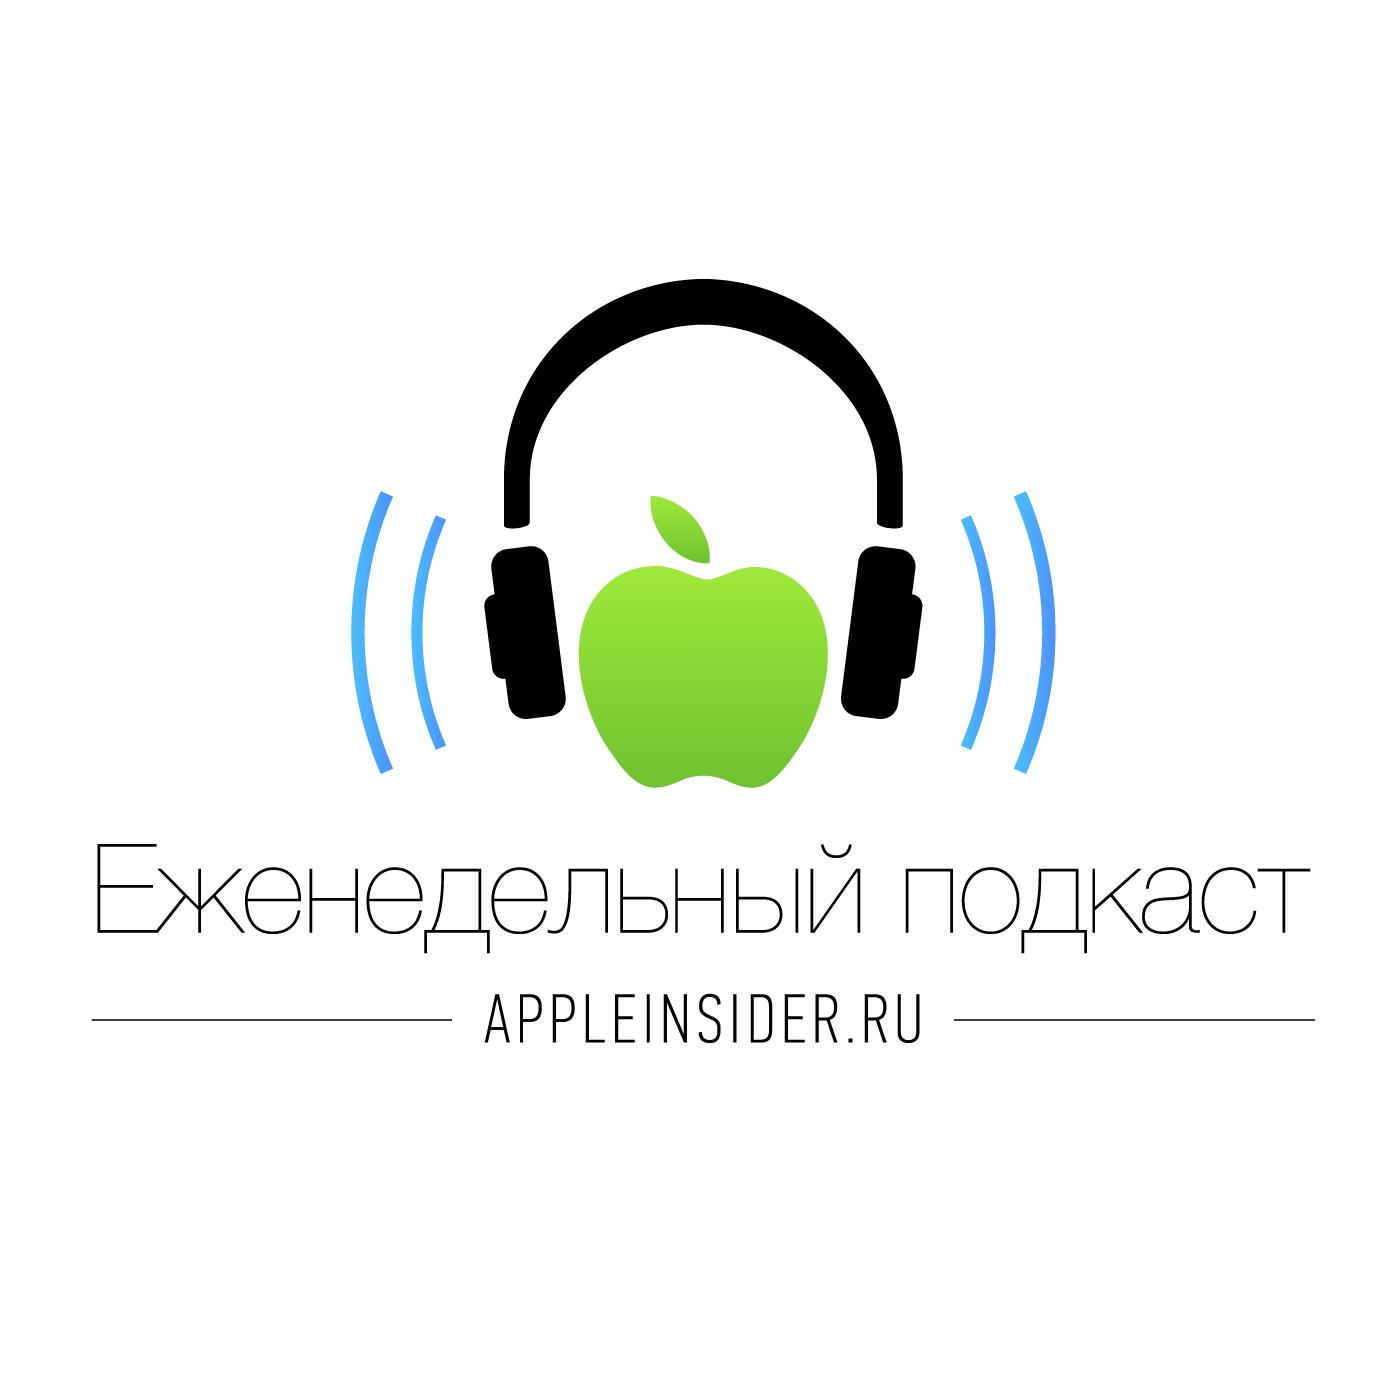 Миша Королев Чем Apple заменит кнопку «Home» в следующих поколениях iPhone миша королев впечатления от iphone se и ipad pro 2016